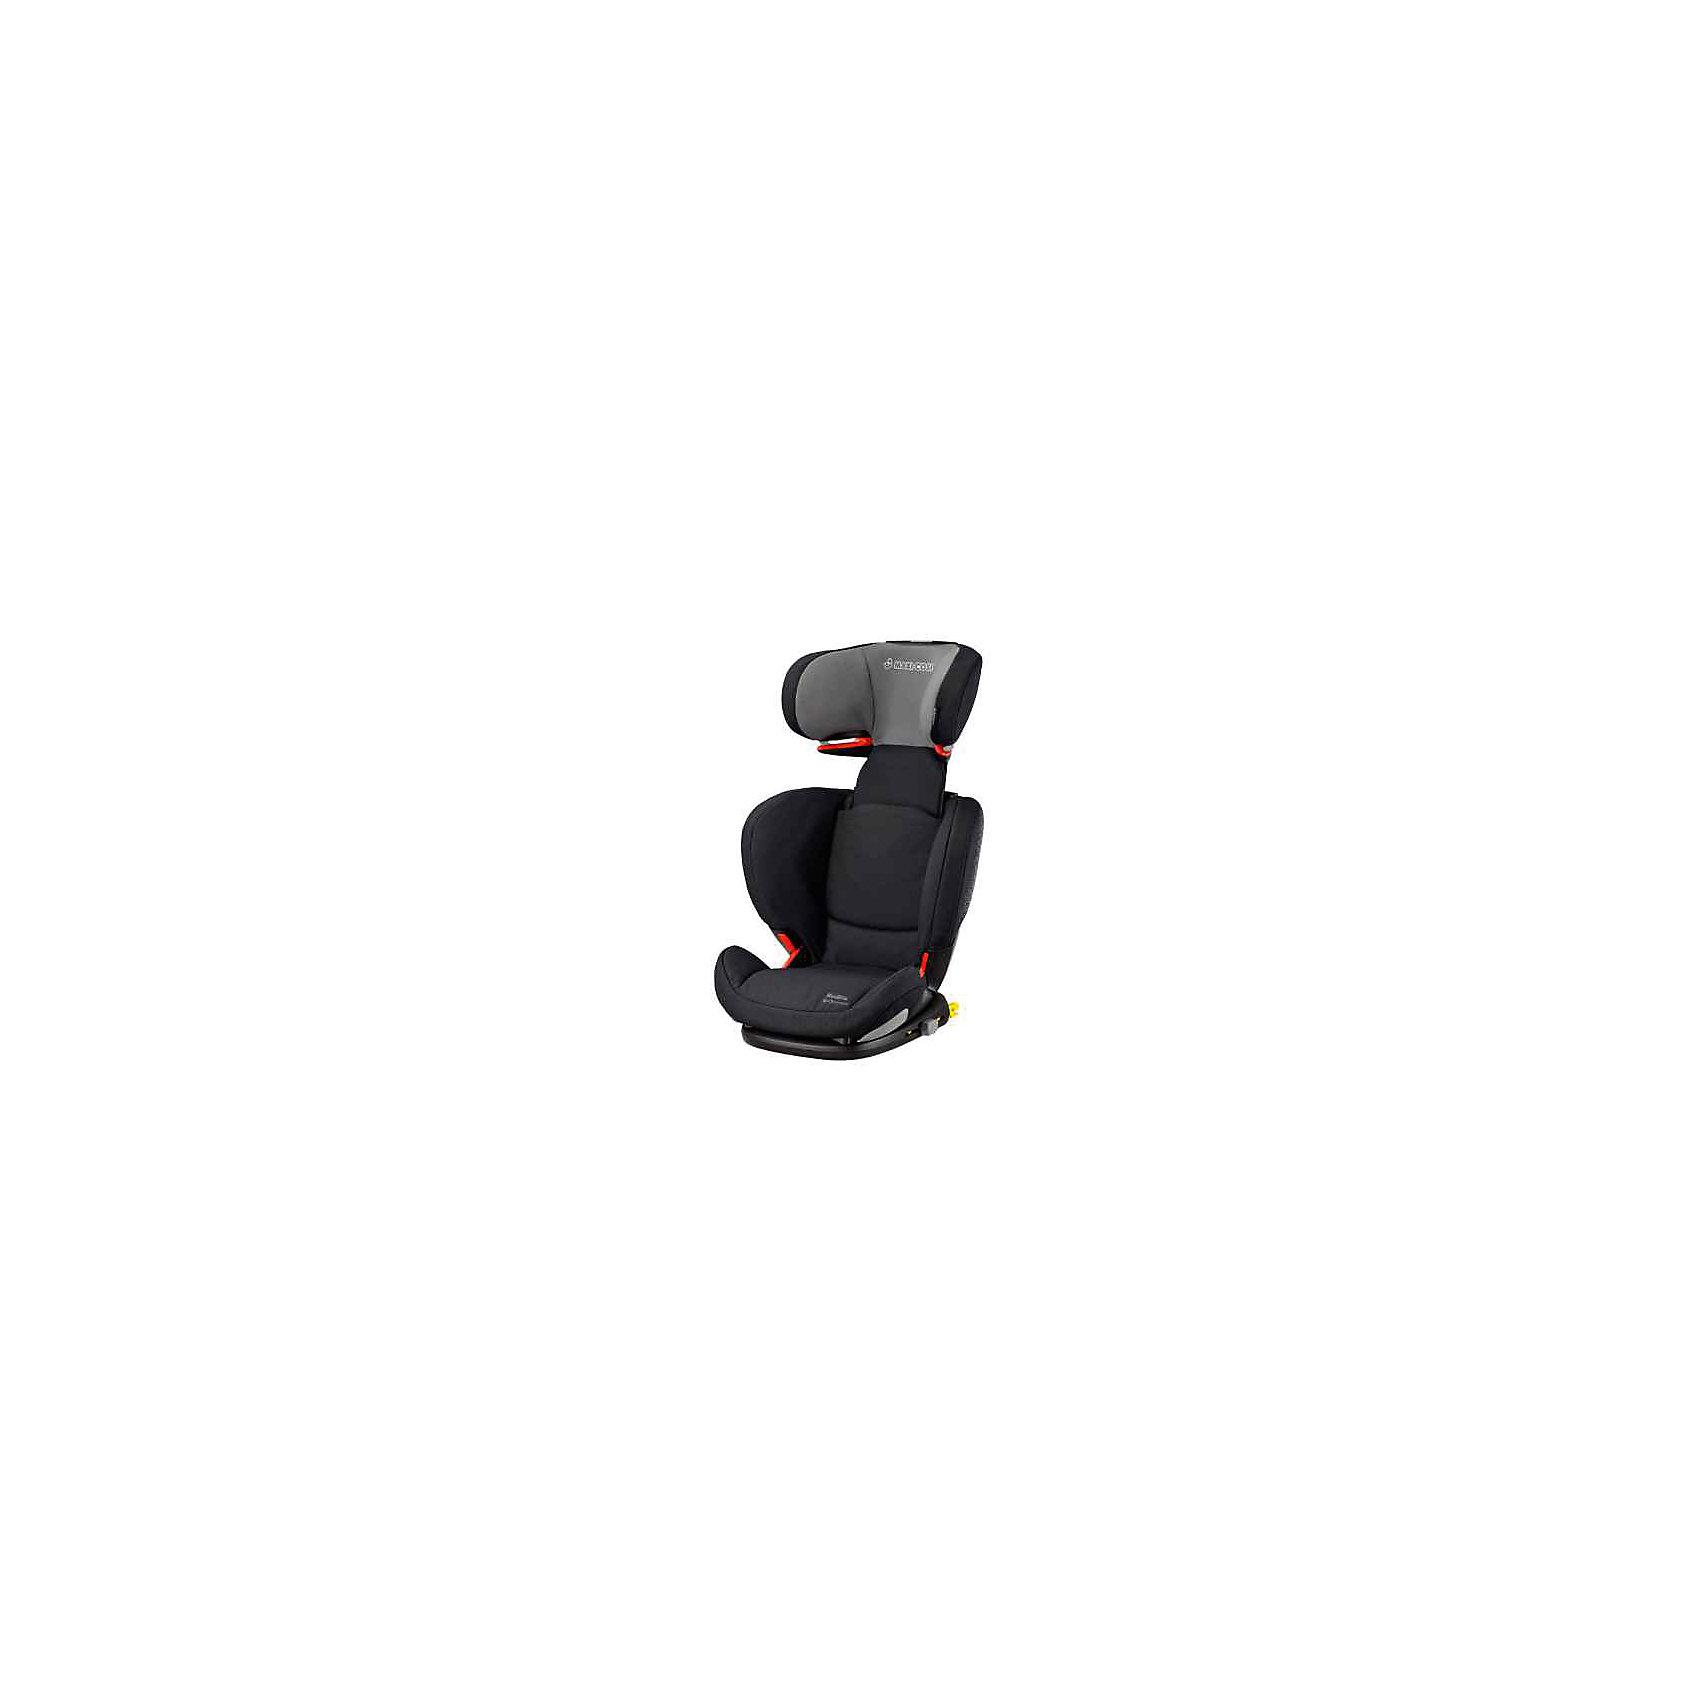 Автокресло Rodi Fix AirProtect 15-36 кг., Maxi-Cosi, Origami BlackАвтокресло разработанное специально для детей от 3,5 до 12 лет, оно устанавливается по ходу движения и пристегивается трех точечным ремнем безопасности.<br>Кресло имеет дополнительные вставки в подголовнике, обеспечивающие еще большую безопасность. Подголовник имеет 8 фиксируемых положений, высота спинки увеличивается до 16 см. <br><br>Дополнительная информация:<br><br>- Возраст: от 3,5 до 12 лет. ( от 15 до 36 кг.)<br>- Цвет: Origami Black.<br>- Материал: пластмасса, текстиль.<br>- Размер: 80x42x47 см.<br>- Вес в упаковке: 5 кг.<br><br>Купить автокресло Rodi AirProtect (15-36 кг.) в цвете Origami Black, можно в нашем магазине.<br><br>Ширина мм: 490<br>Глубина мм: 635<br>Высота мм: 510<br>Вес г: 4900<br>Возраст от месяцев: 42<br>Возраст до месяцев: 144<br>Пол: Унисекс<br>Возраст: Детский<br>SKU: 4975106